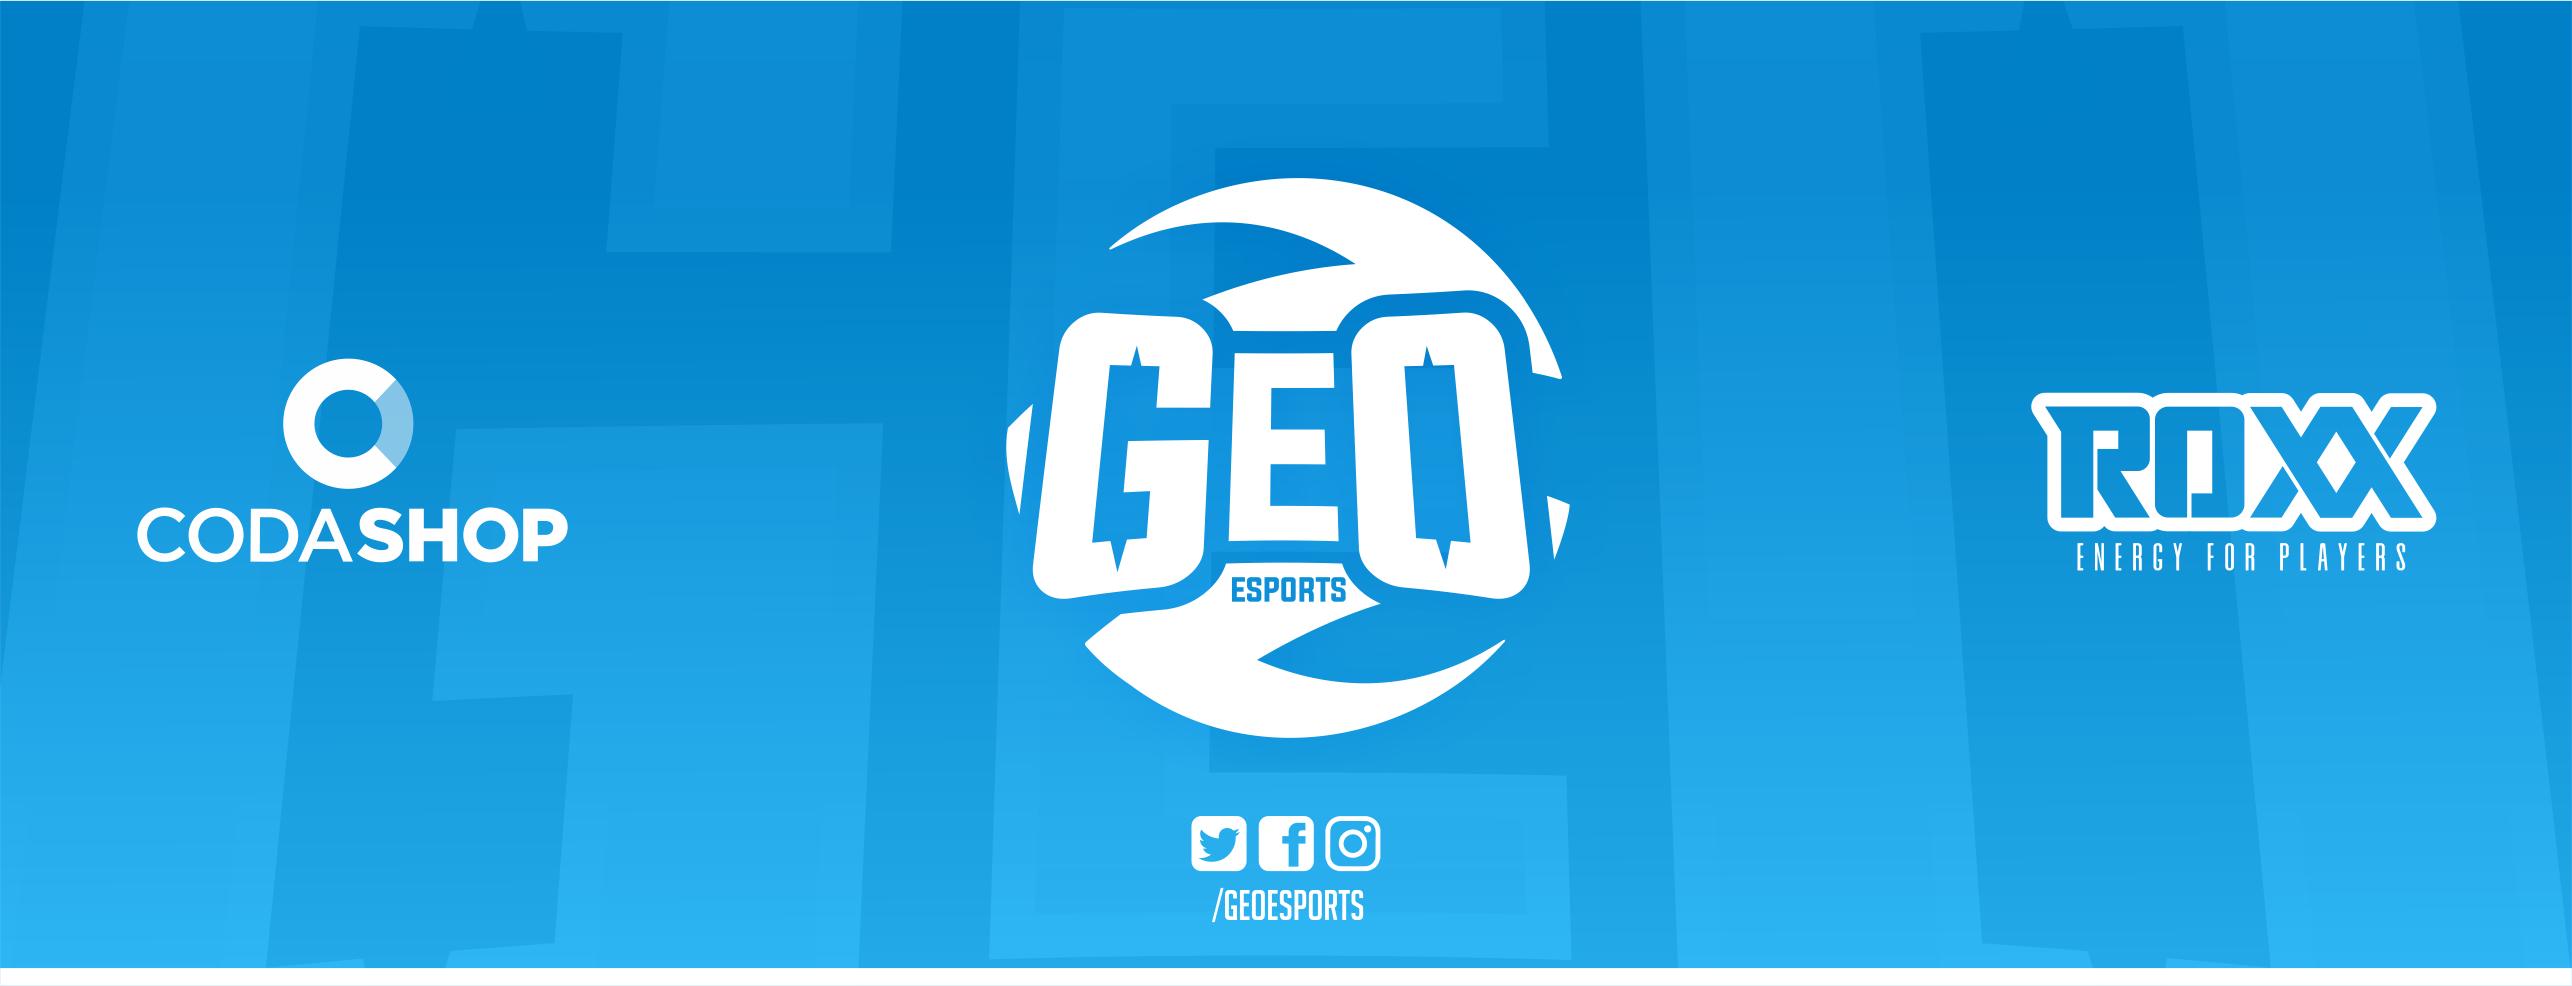 Mobile Legends: GeO Esports ganha patrocínio para a disputa do mundial